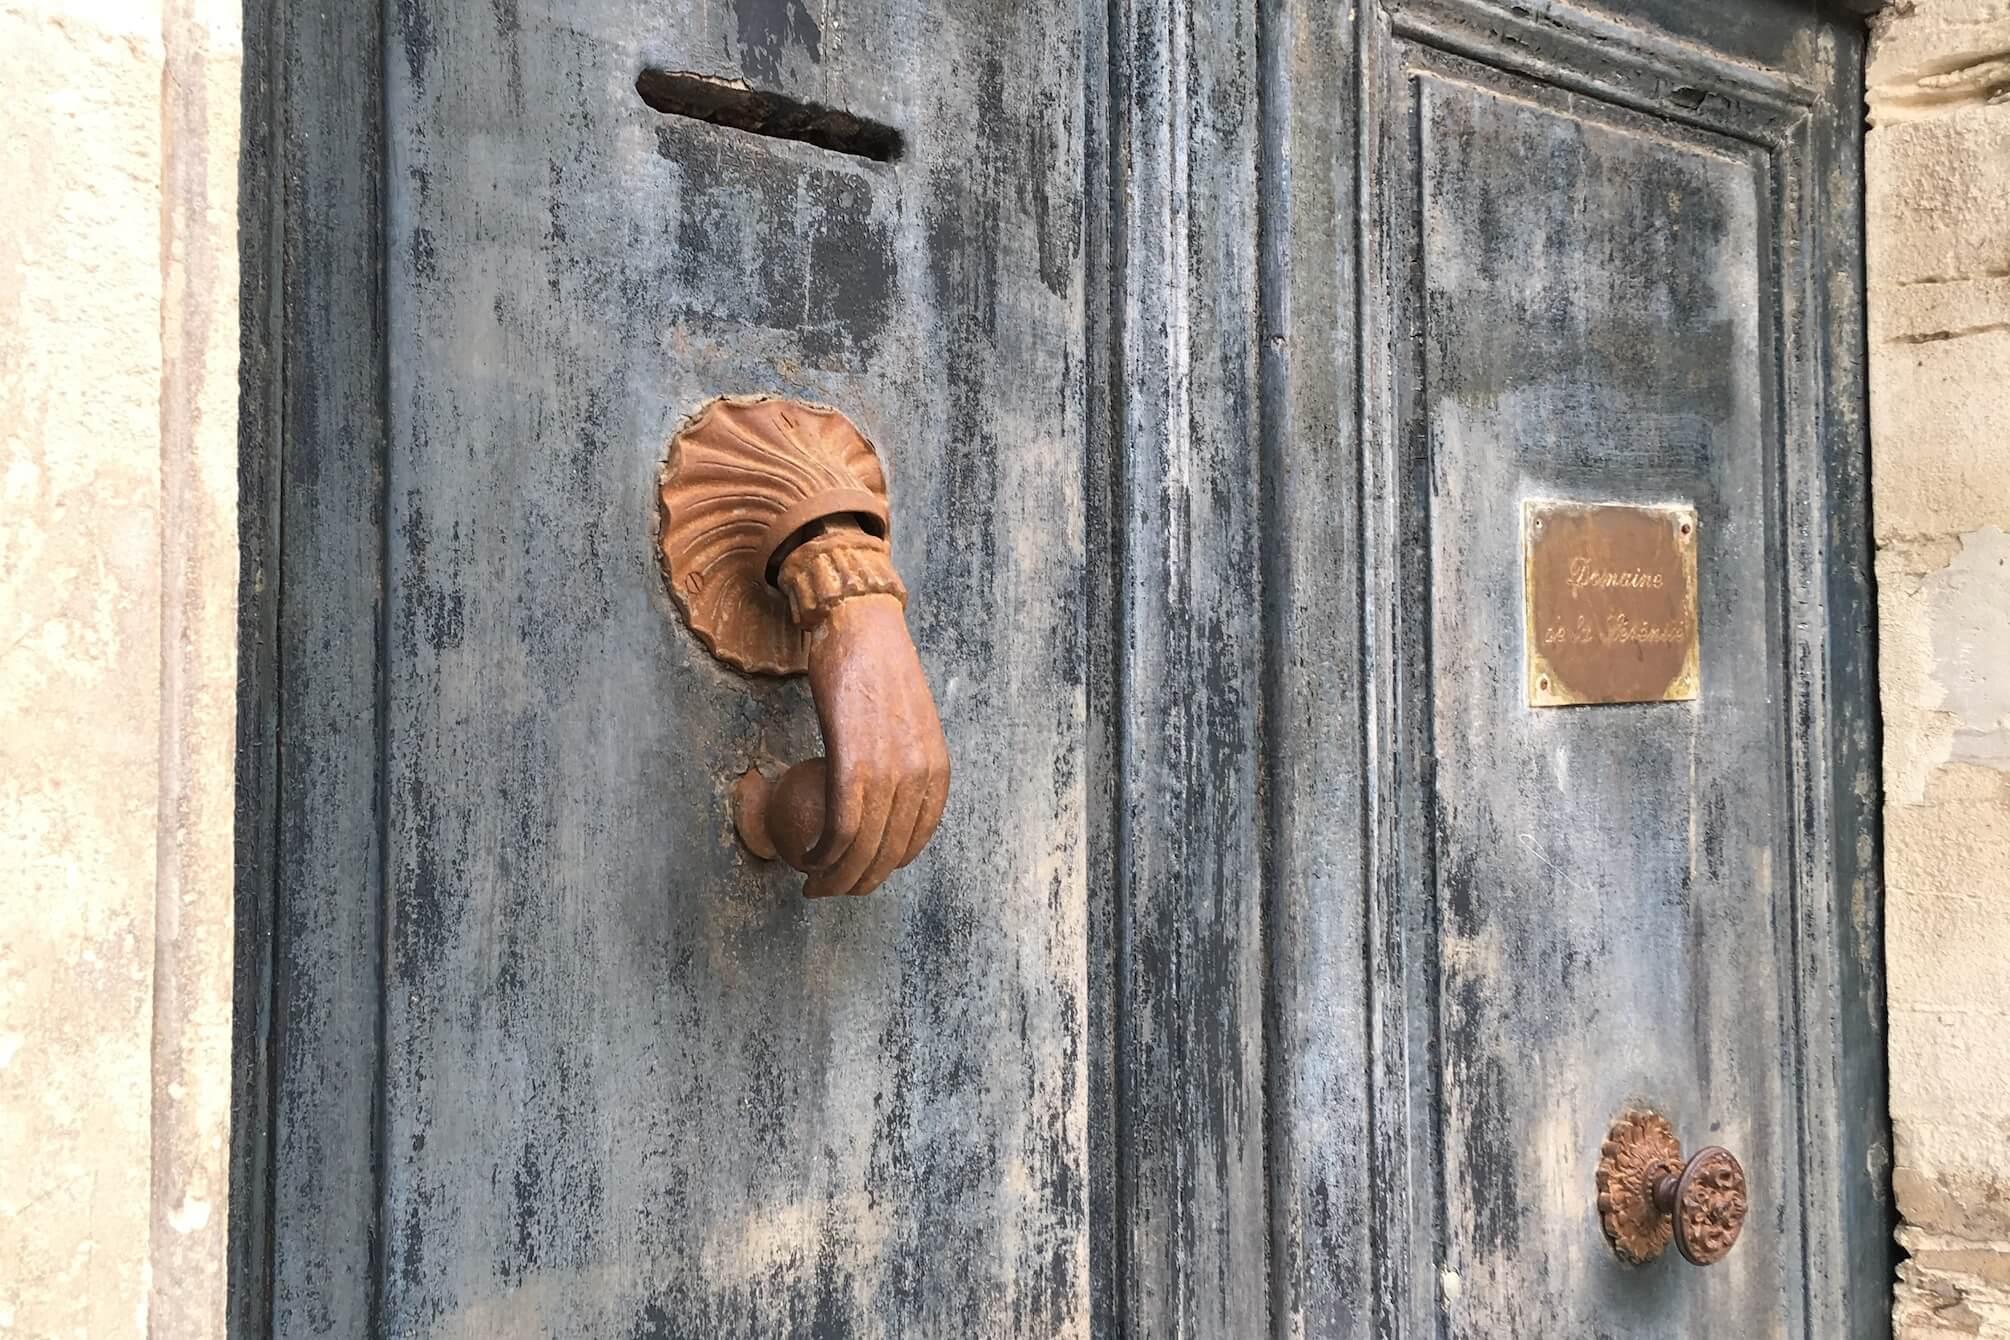 Expatmamas-Wissen: W - Wohnsitz - www.expatmamas.de/blog/ #expatmamas #imauslandzuhause #wohnsitz